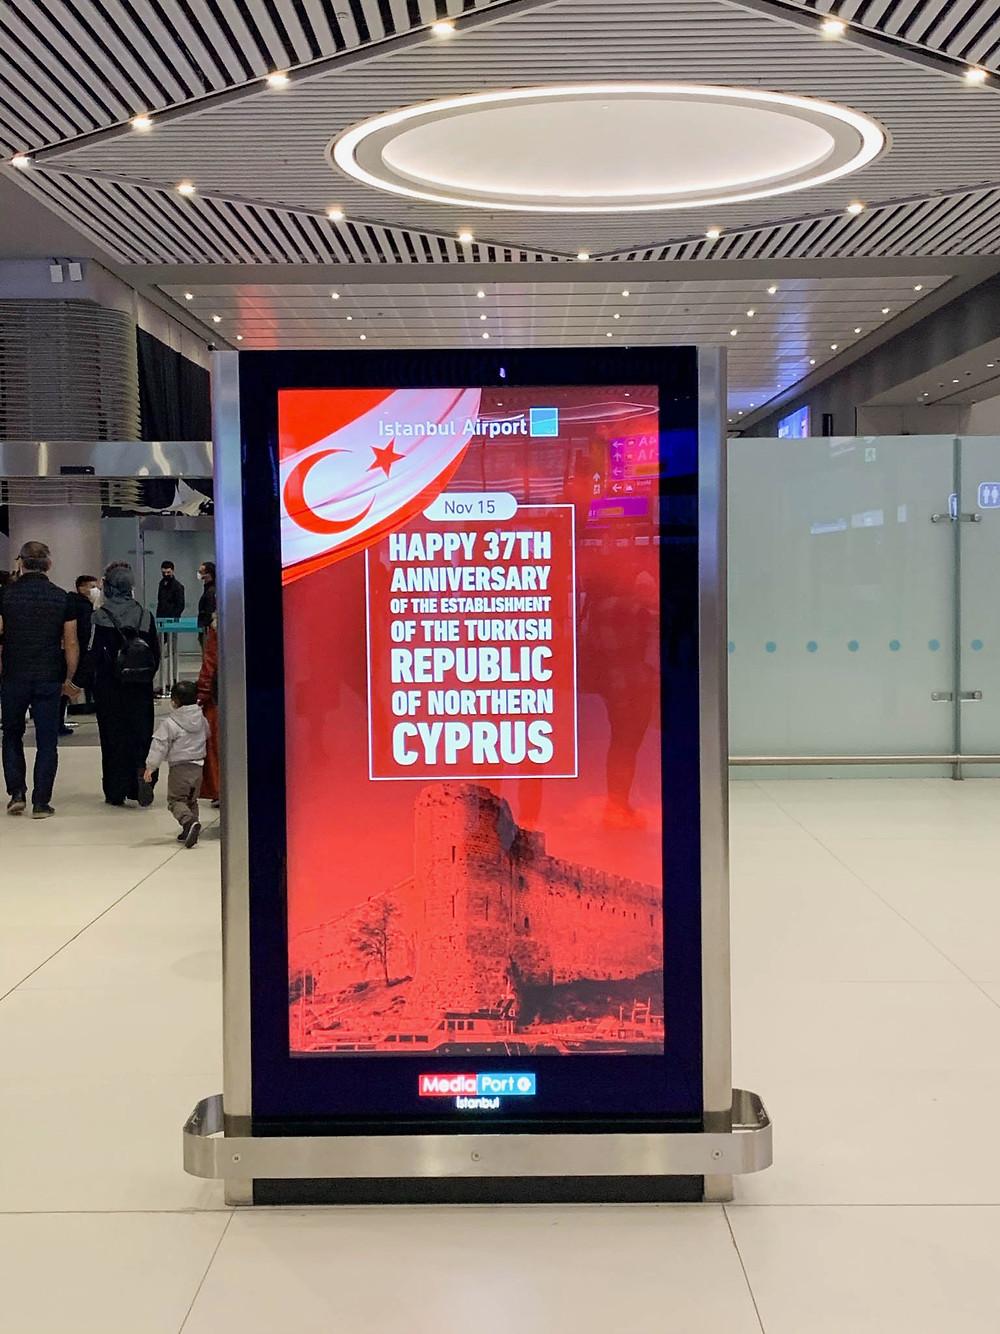 A fairly unique tourism advertisement